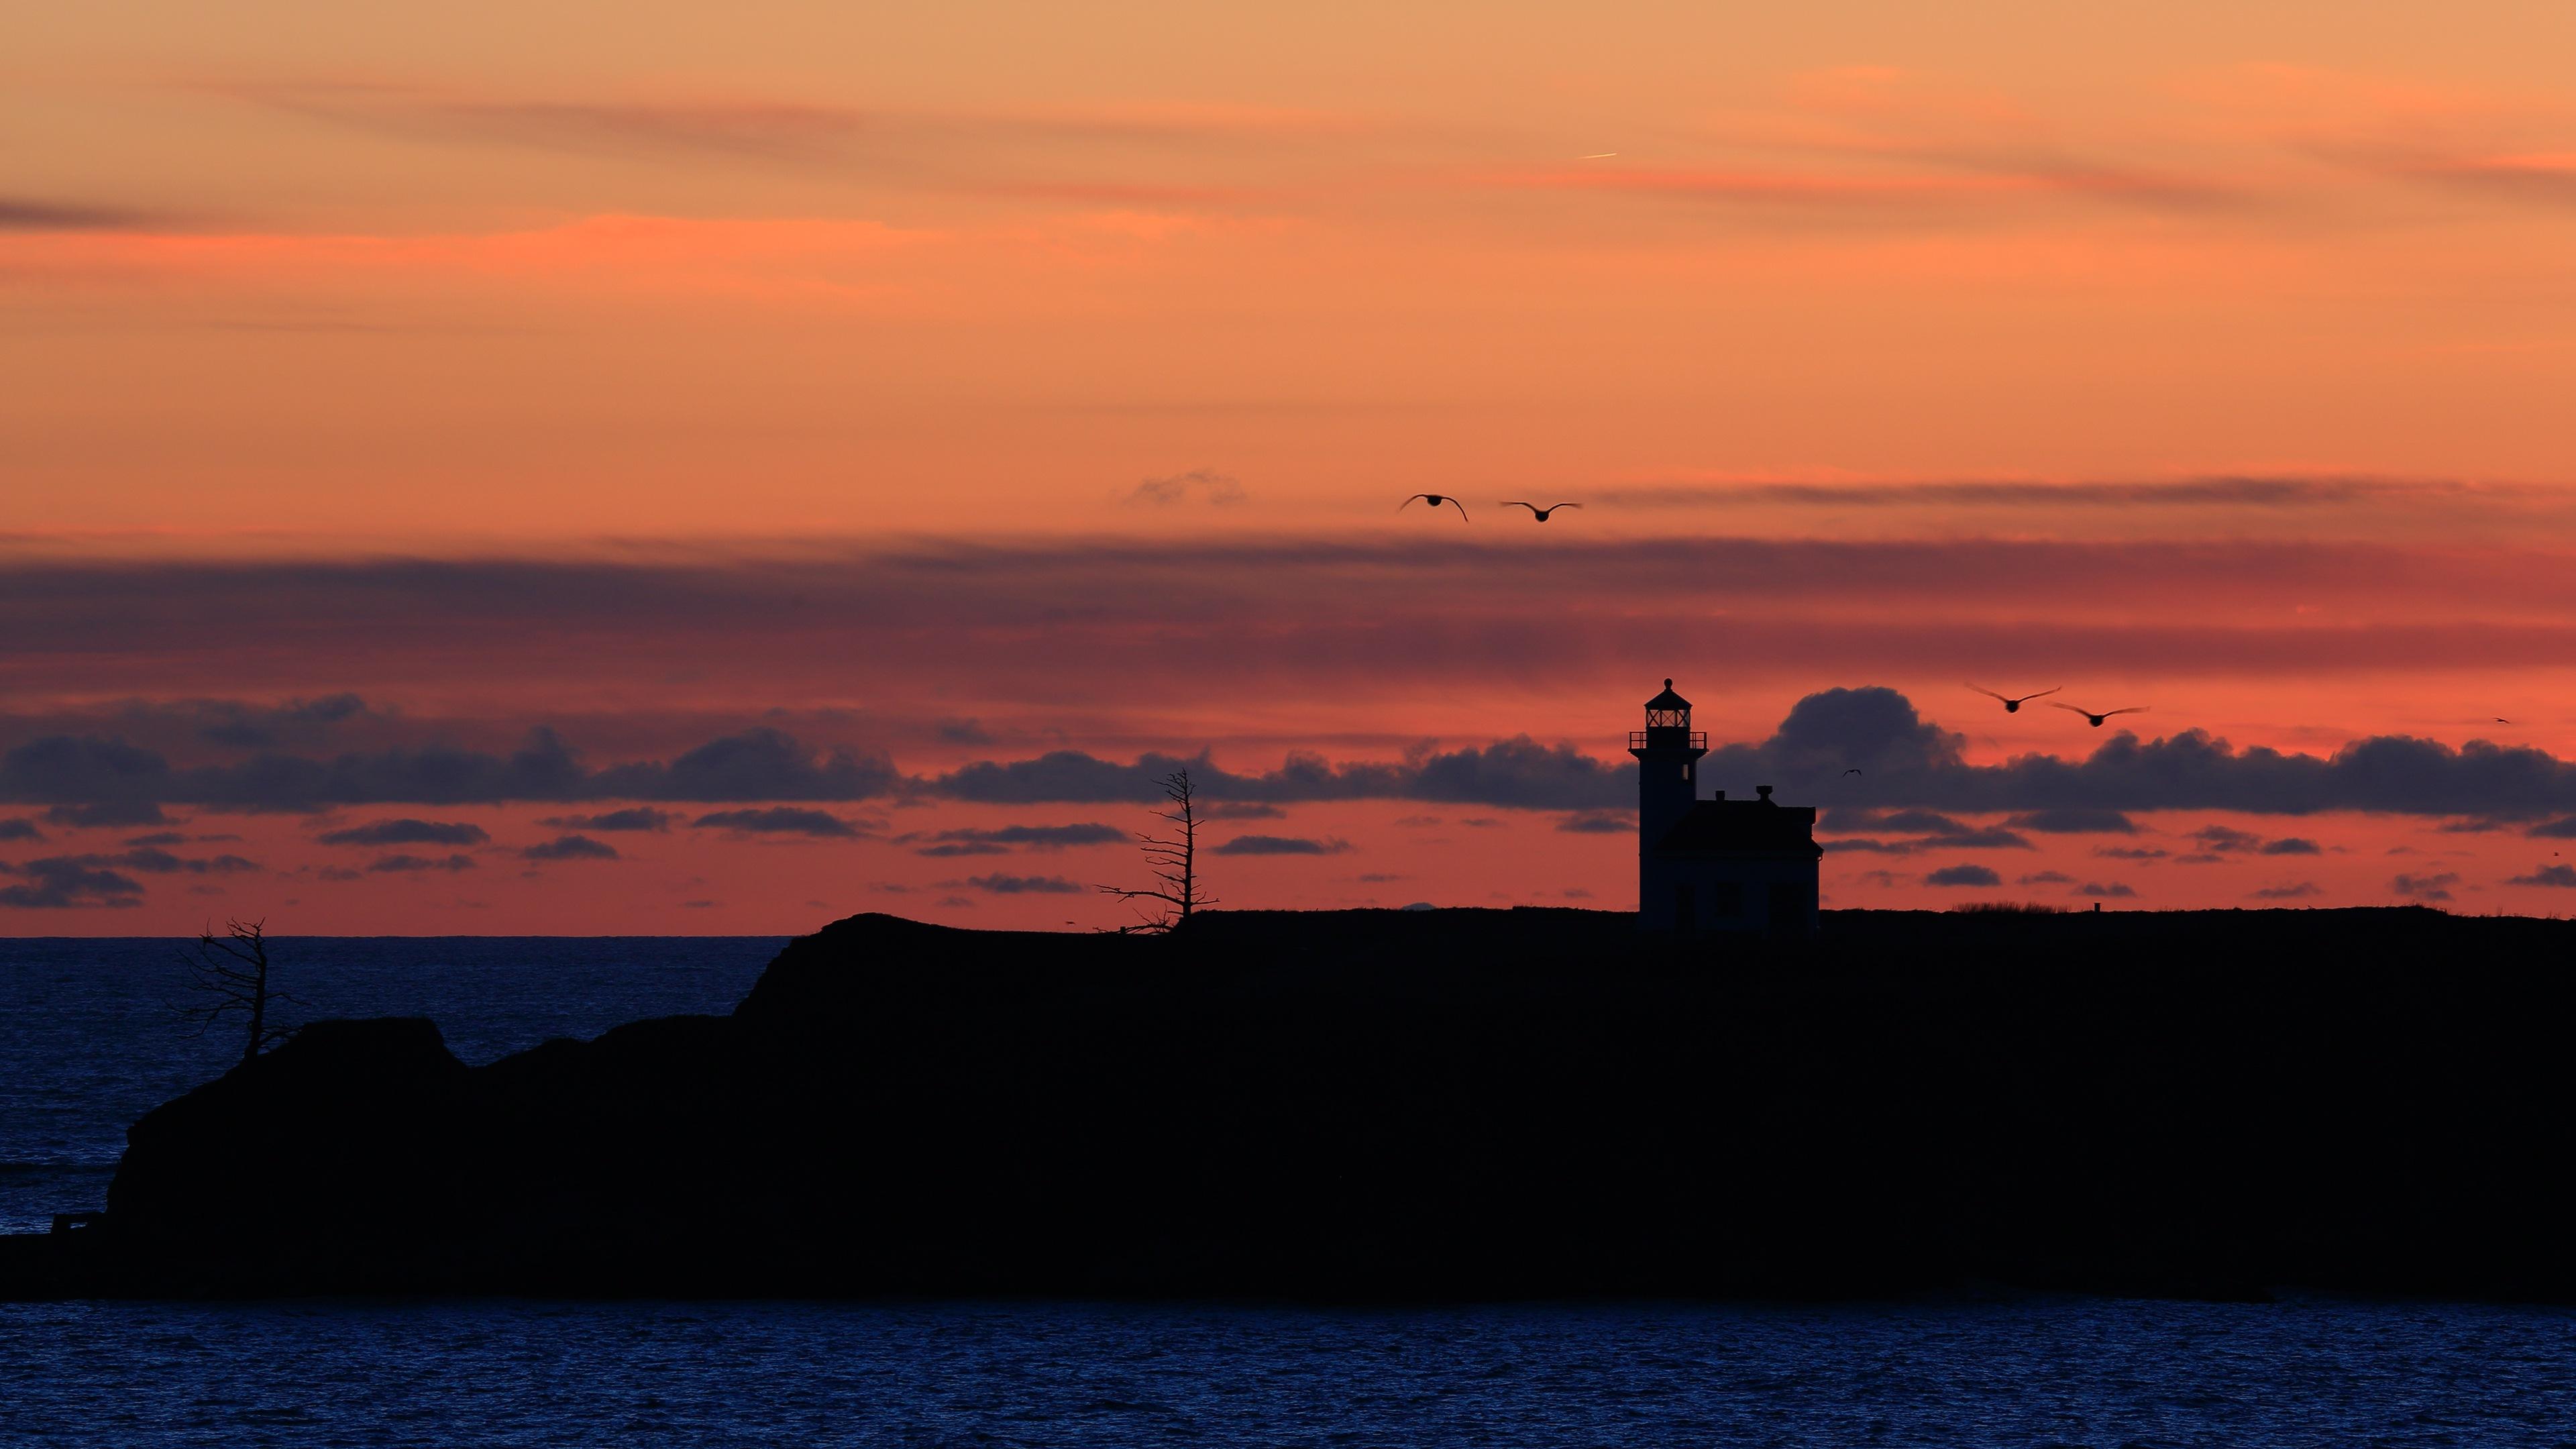 Ocean Lighthouse Sunset Seagulls 4K Ultra HD Desktop Wallpaper 3840x2160